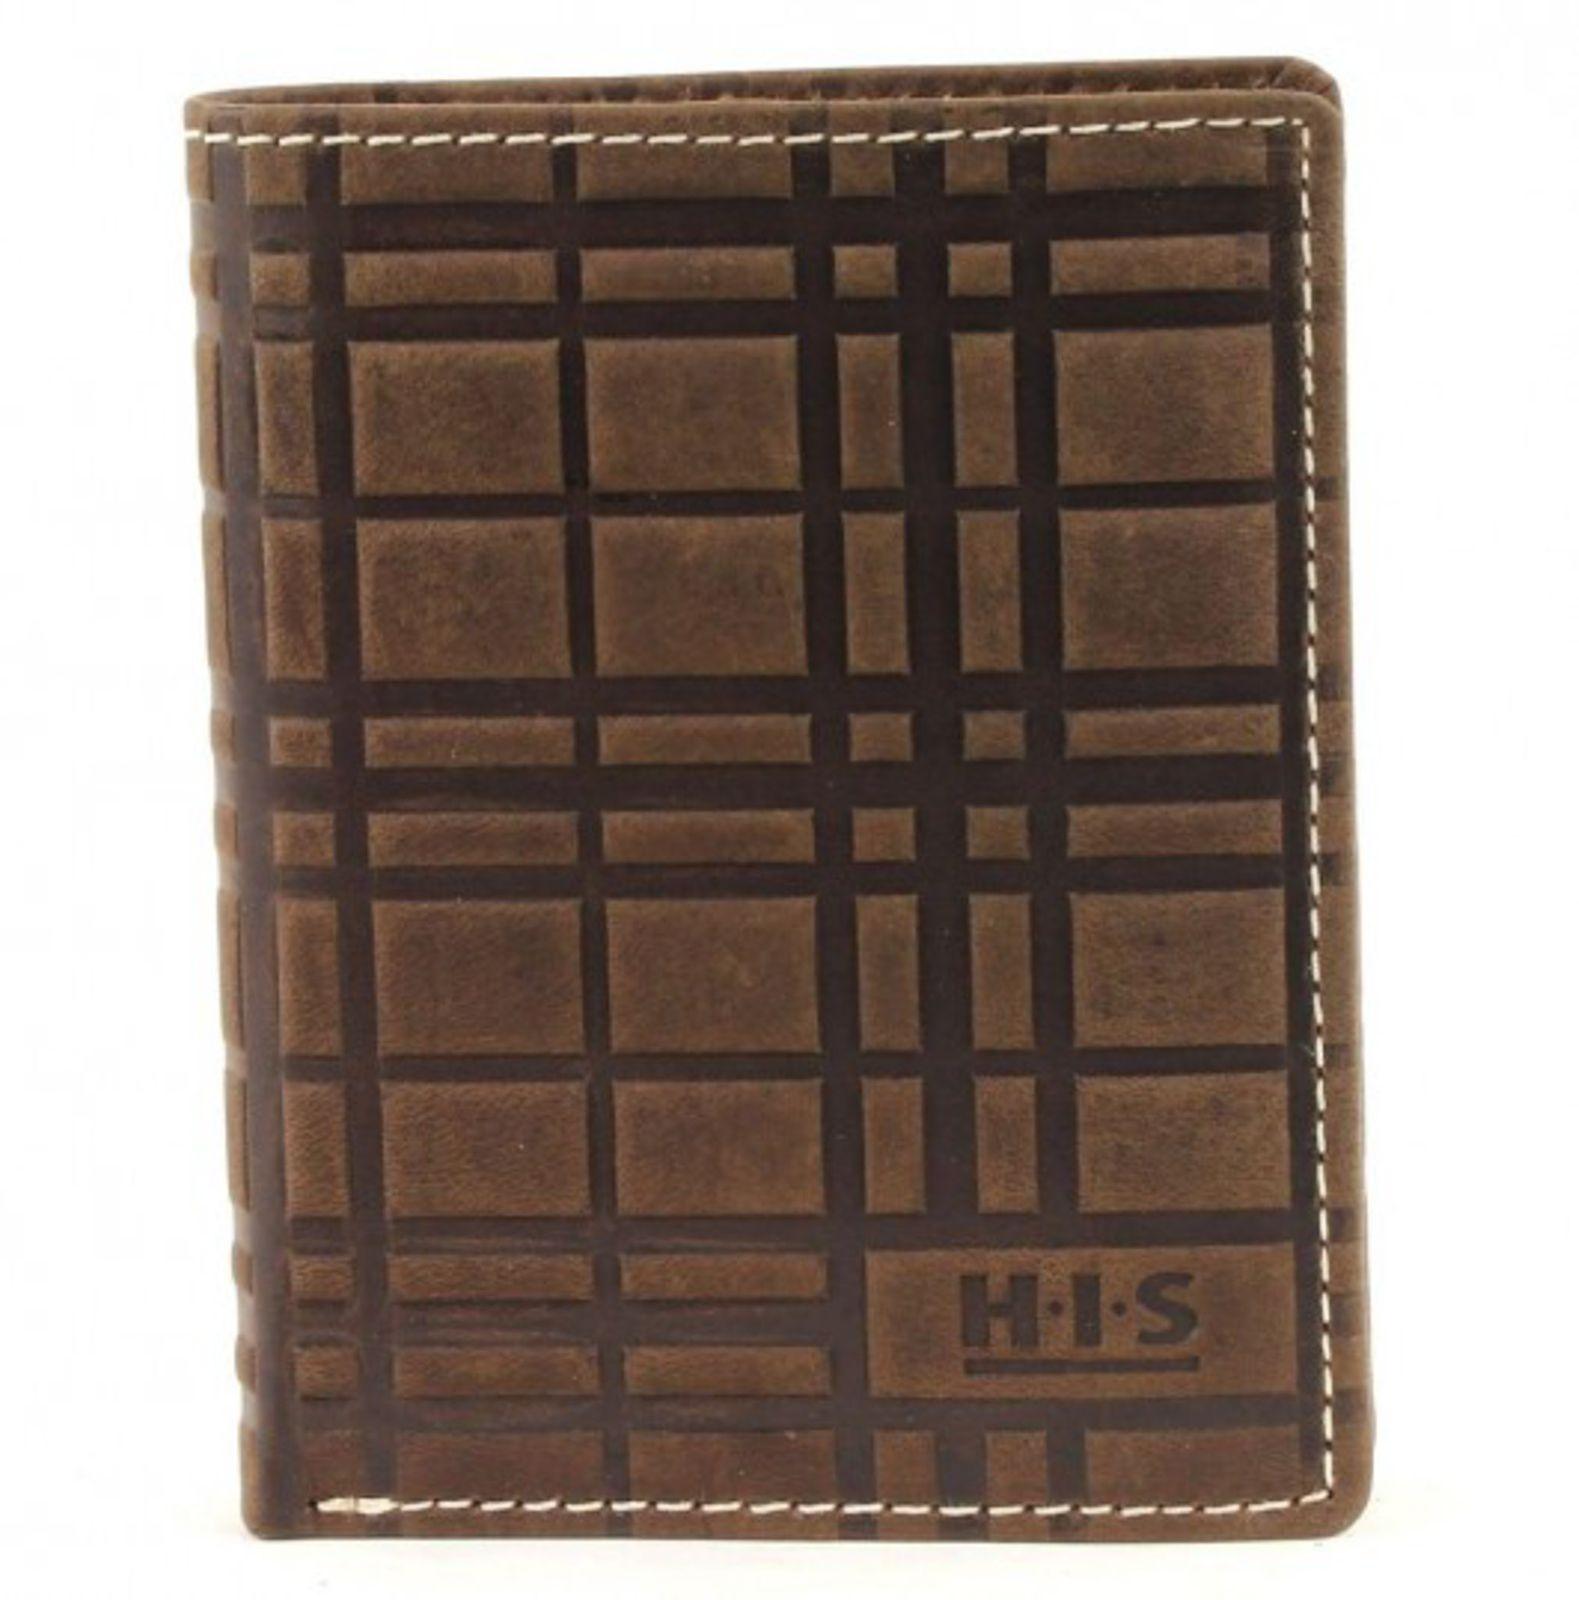 H.I.S Börse Hochformat Brown